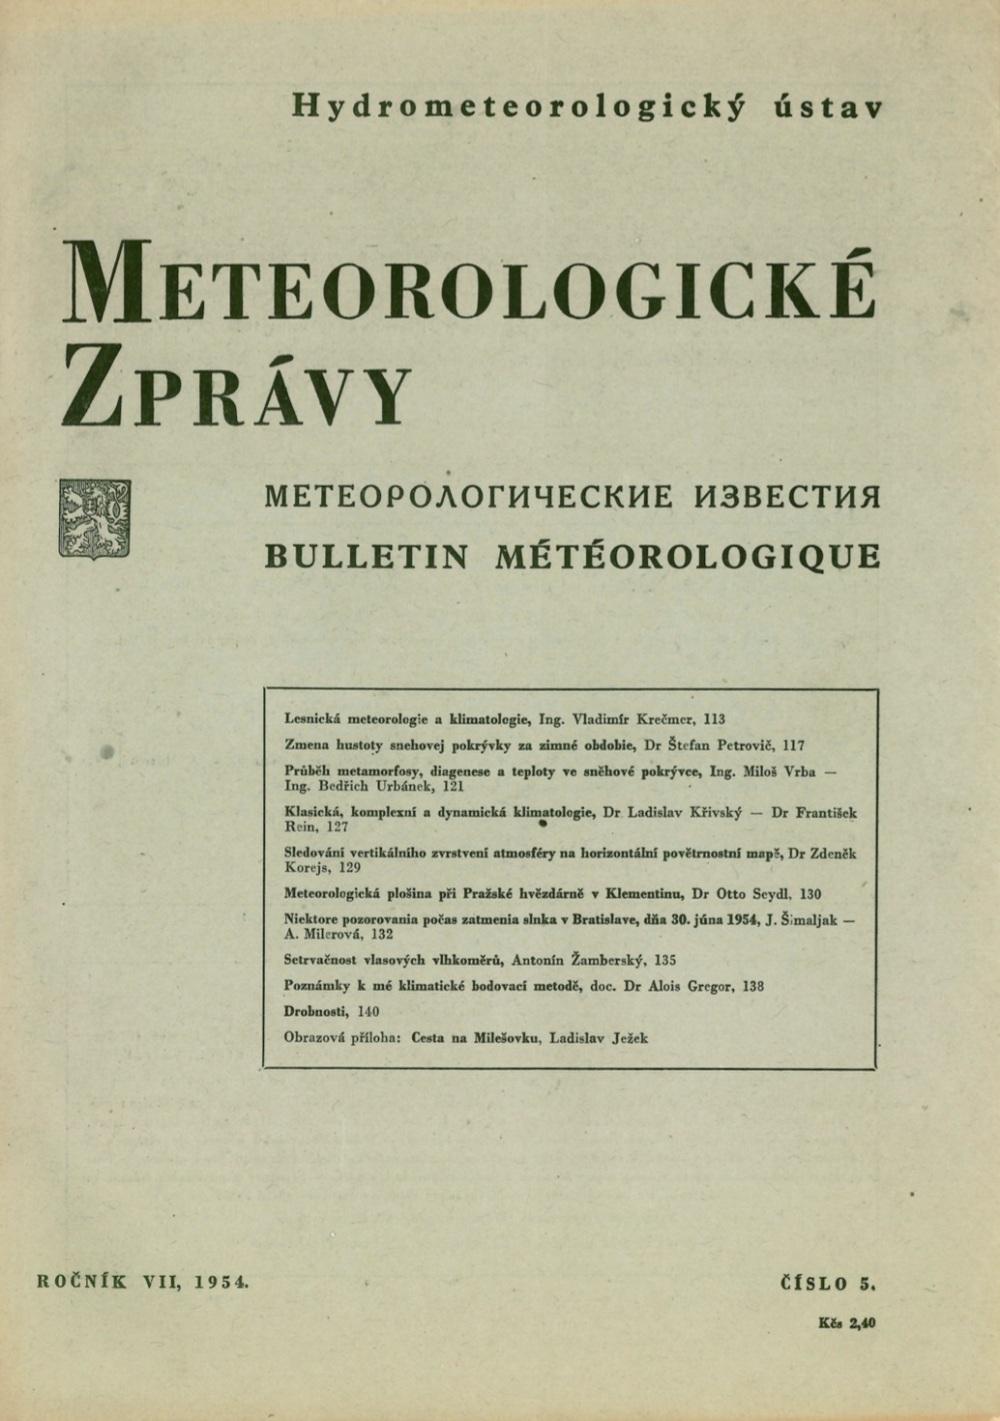 meteo správy